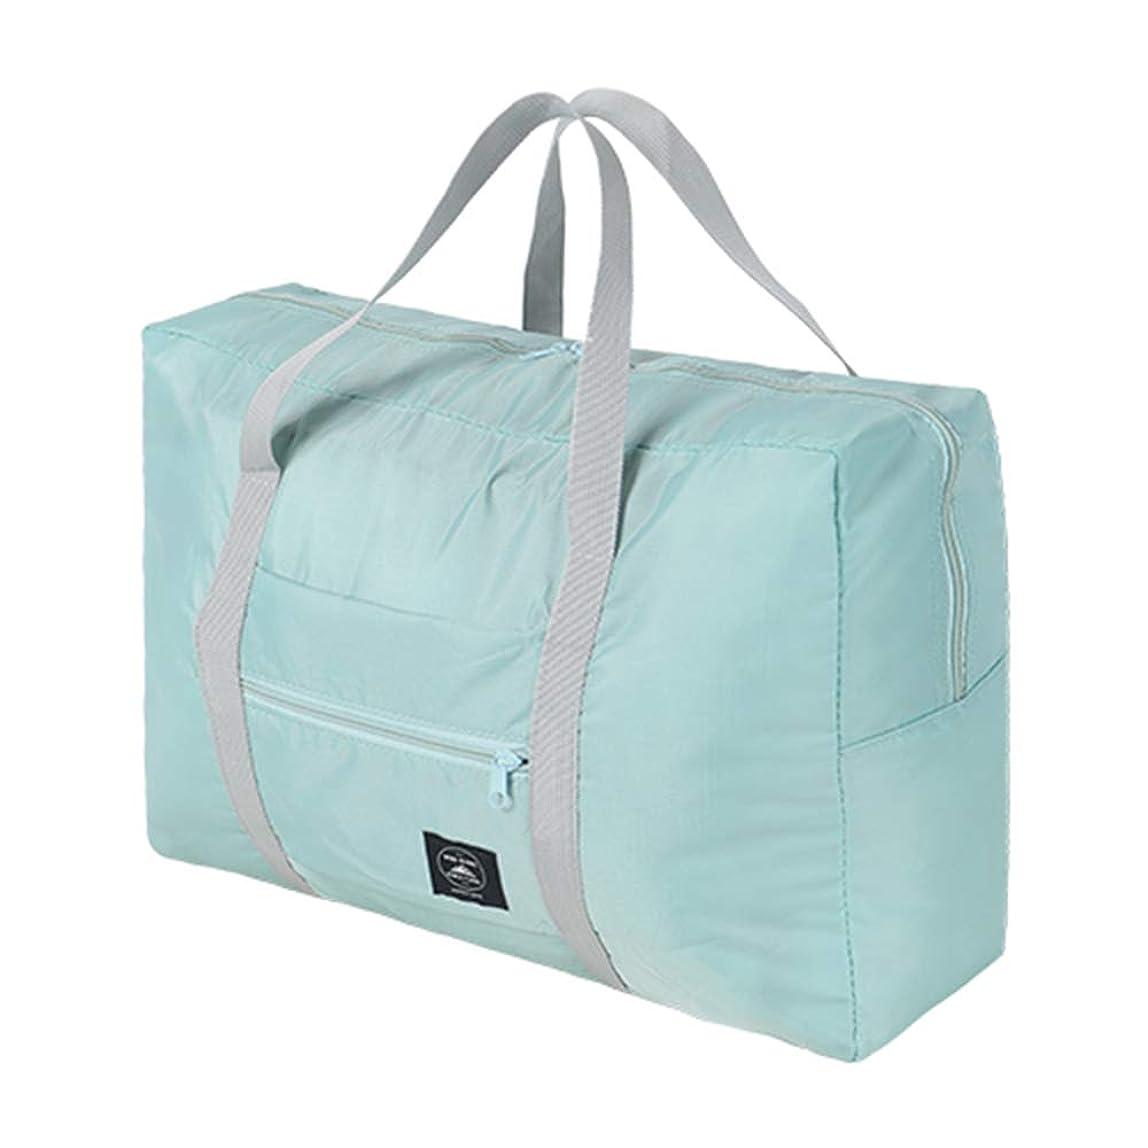 肌十二銀行KUKI 旅行用収納バッグ 大容量 防水 多機能 旅行用収納袋 收納抜群 防塵 軽量 靴 衣類 収納便利 旅行/出張/家庭整理用収納袋